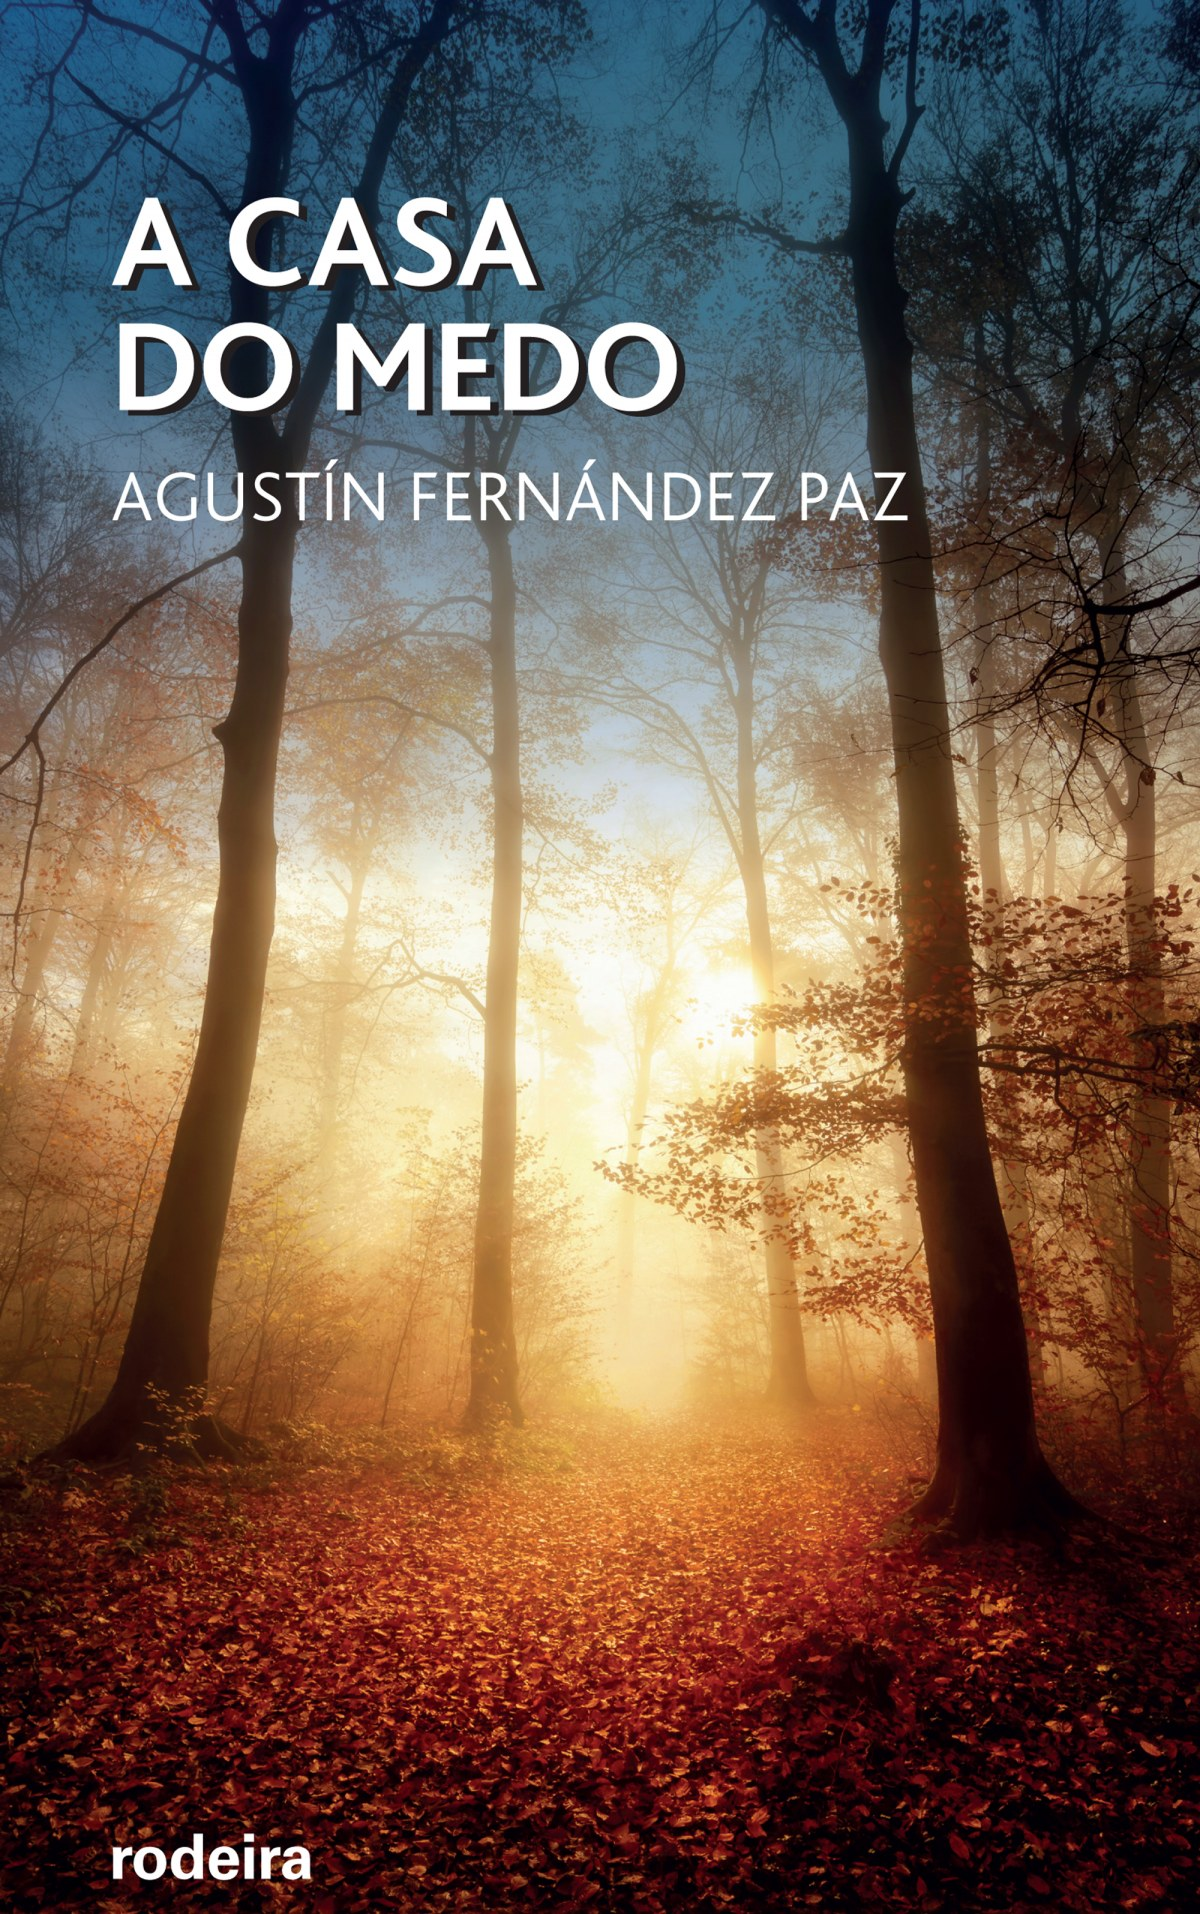 A CASA DO MEDO 9788483495315